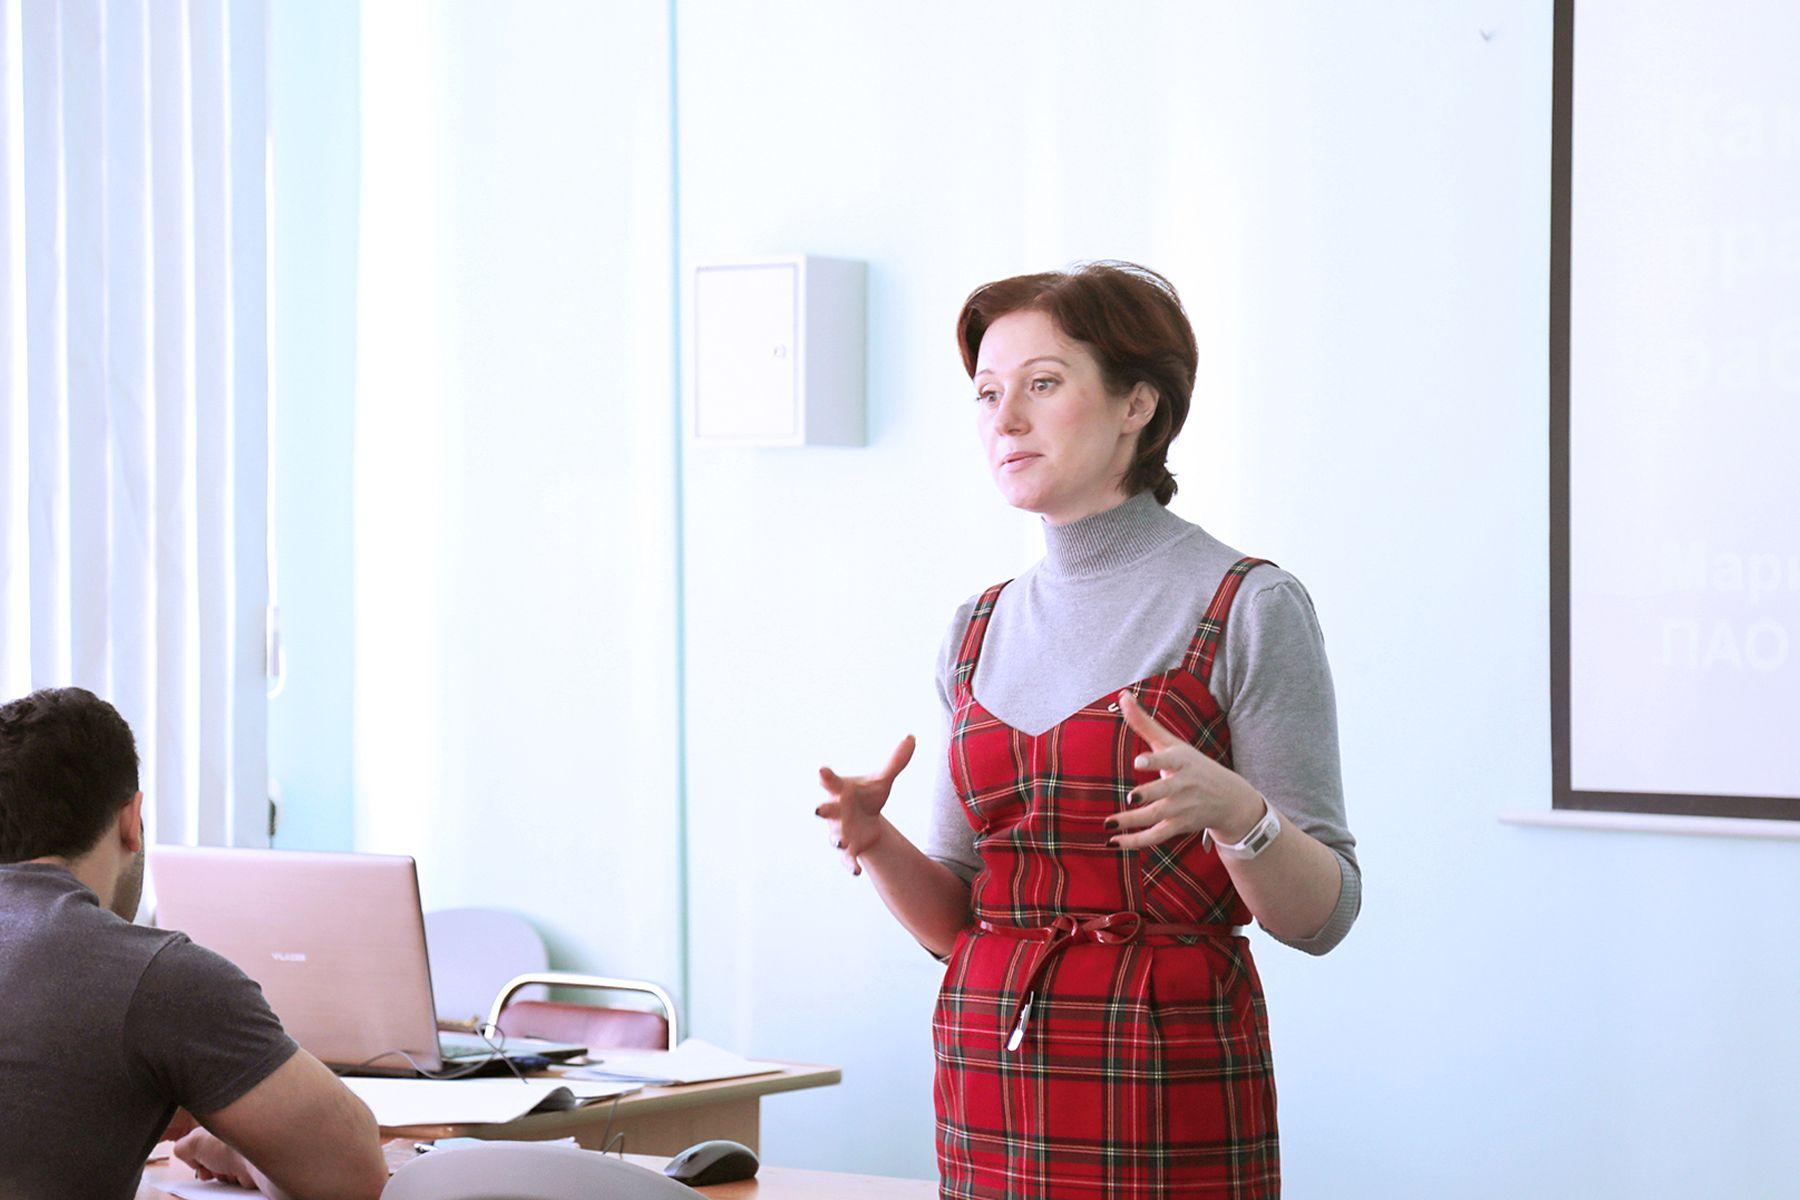 «Приглашенный спикер» во ВГУЭС: пройти практику и остаться работать - это реально